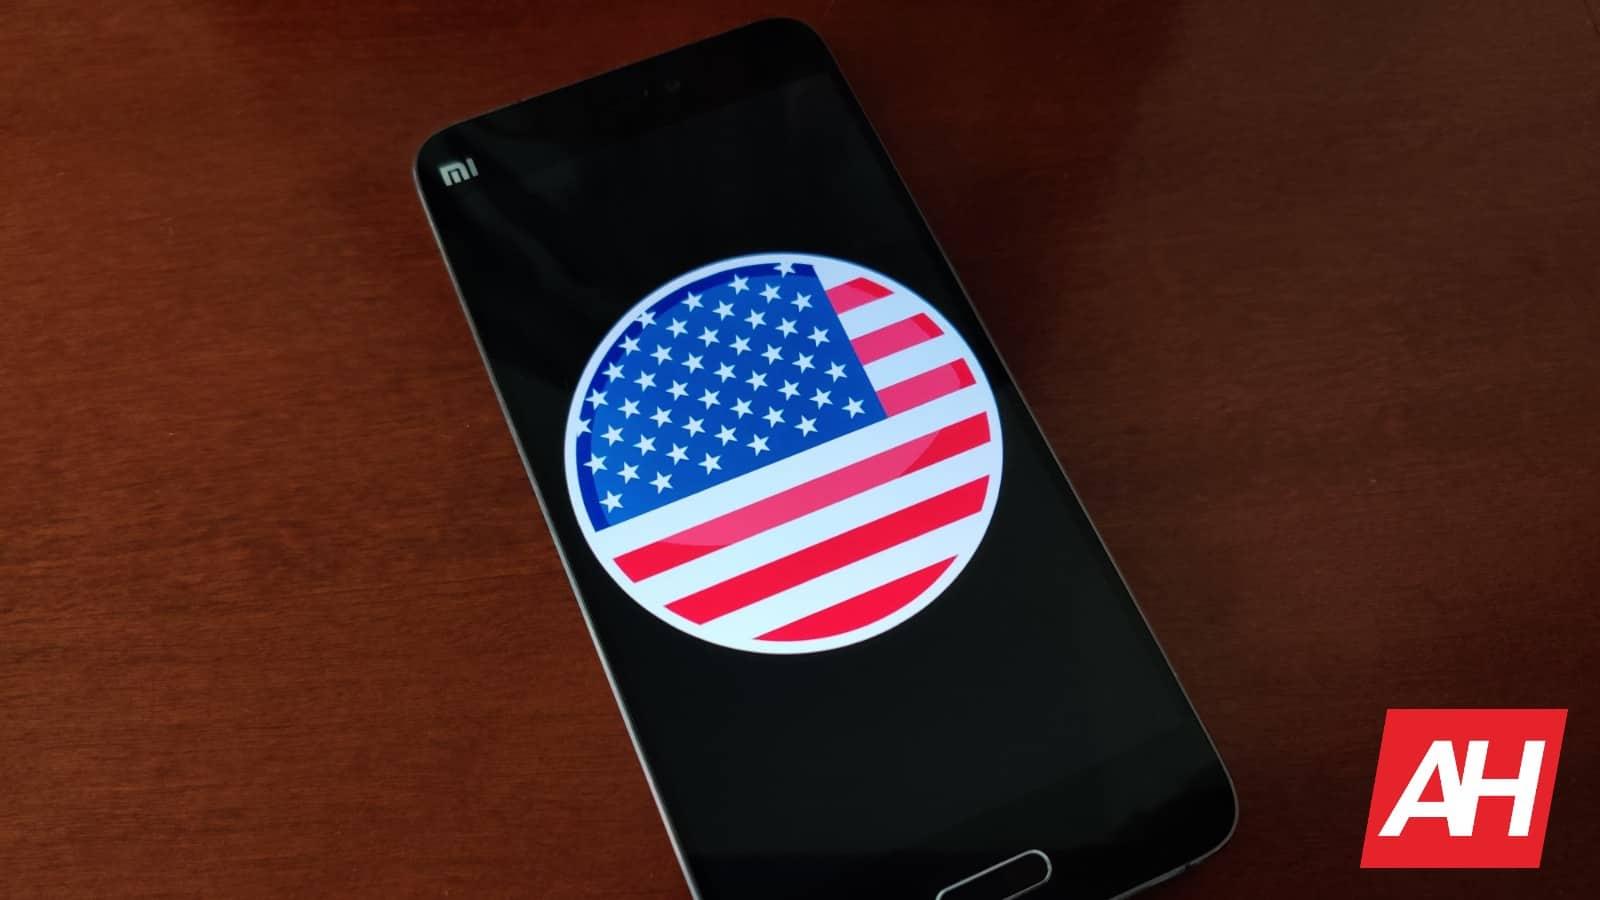 AH USA flag image 1